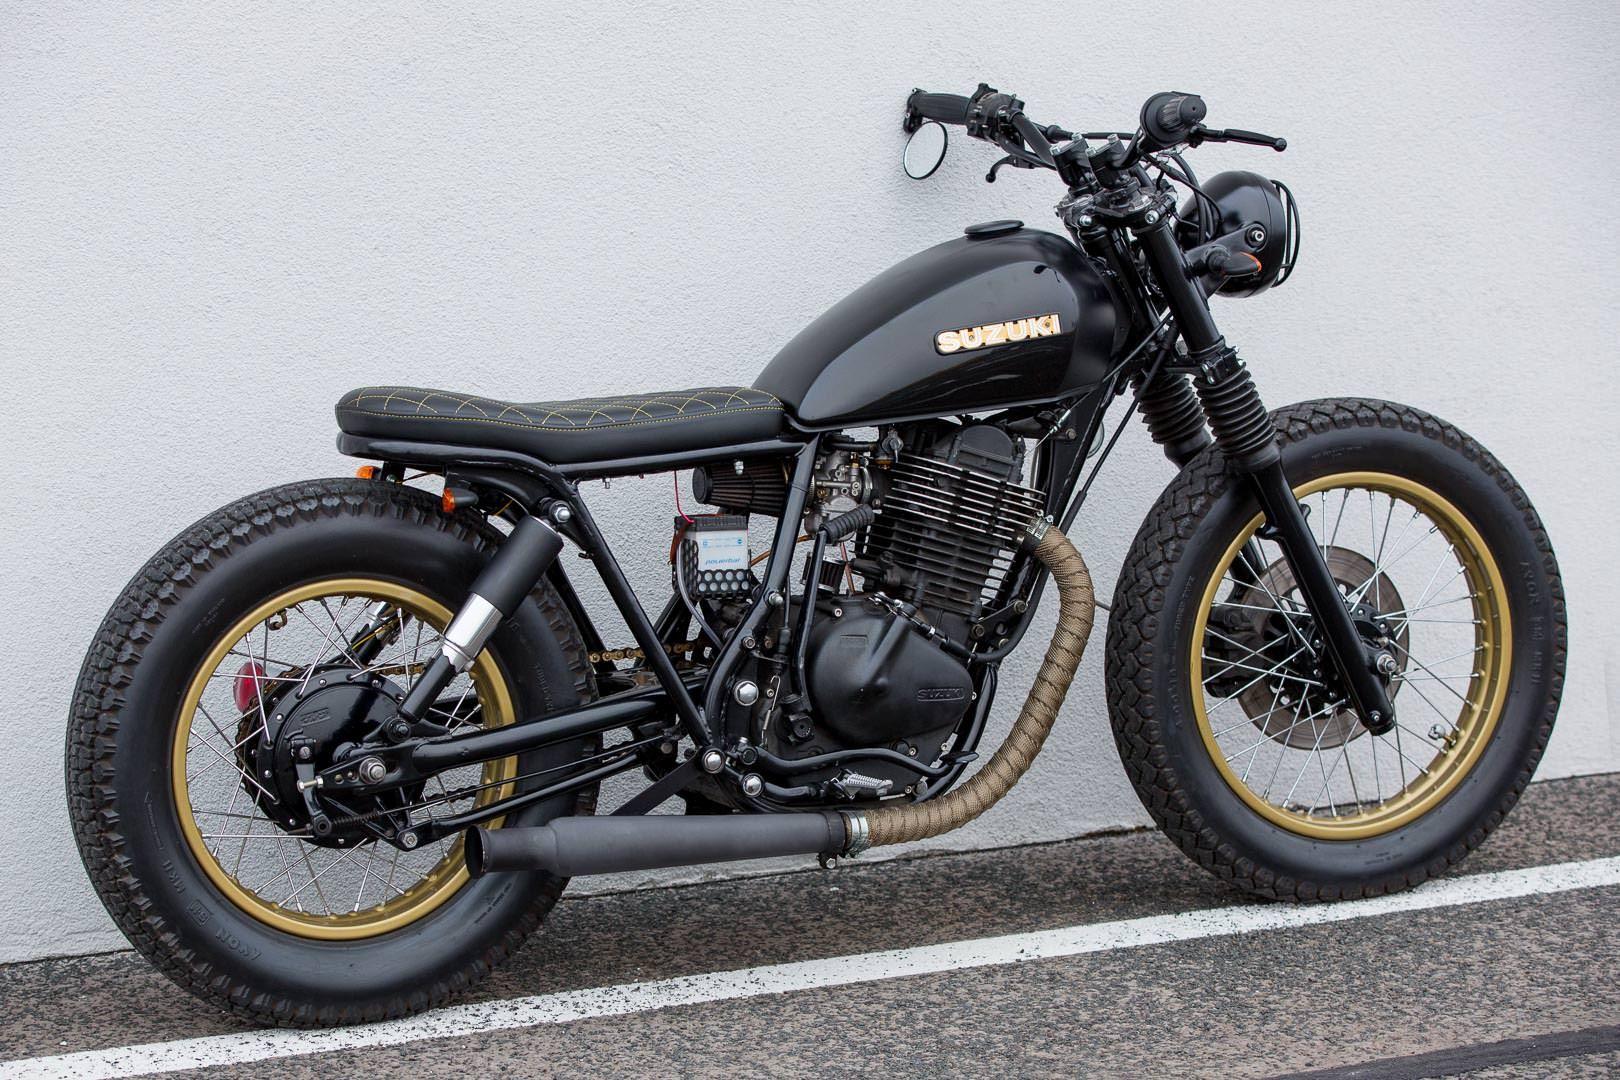 Suzuki Gn 400 Caferacer Bratstyle Bobber Tracker Suzuki Cafe Racer Cafe Racer Honda Cafe Racer Bikes